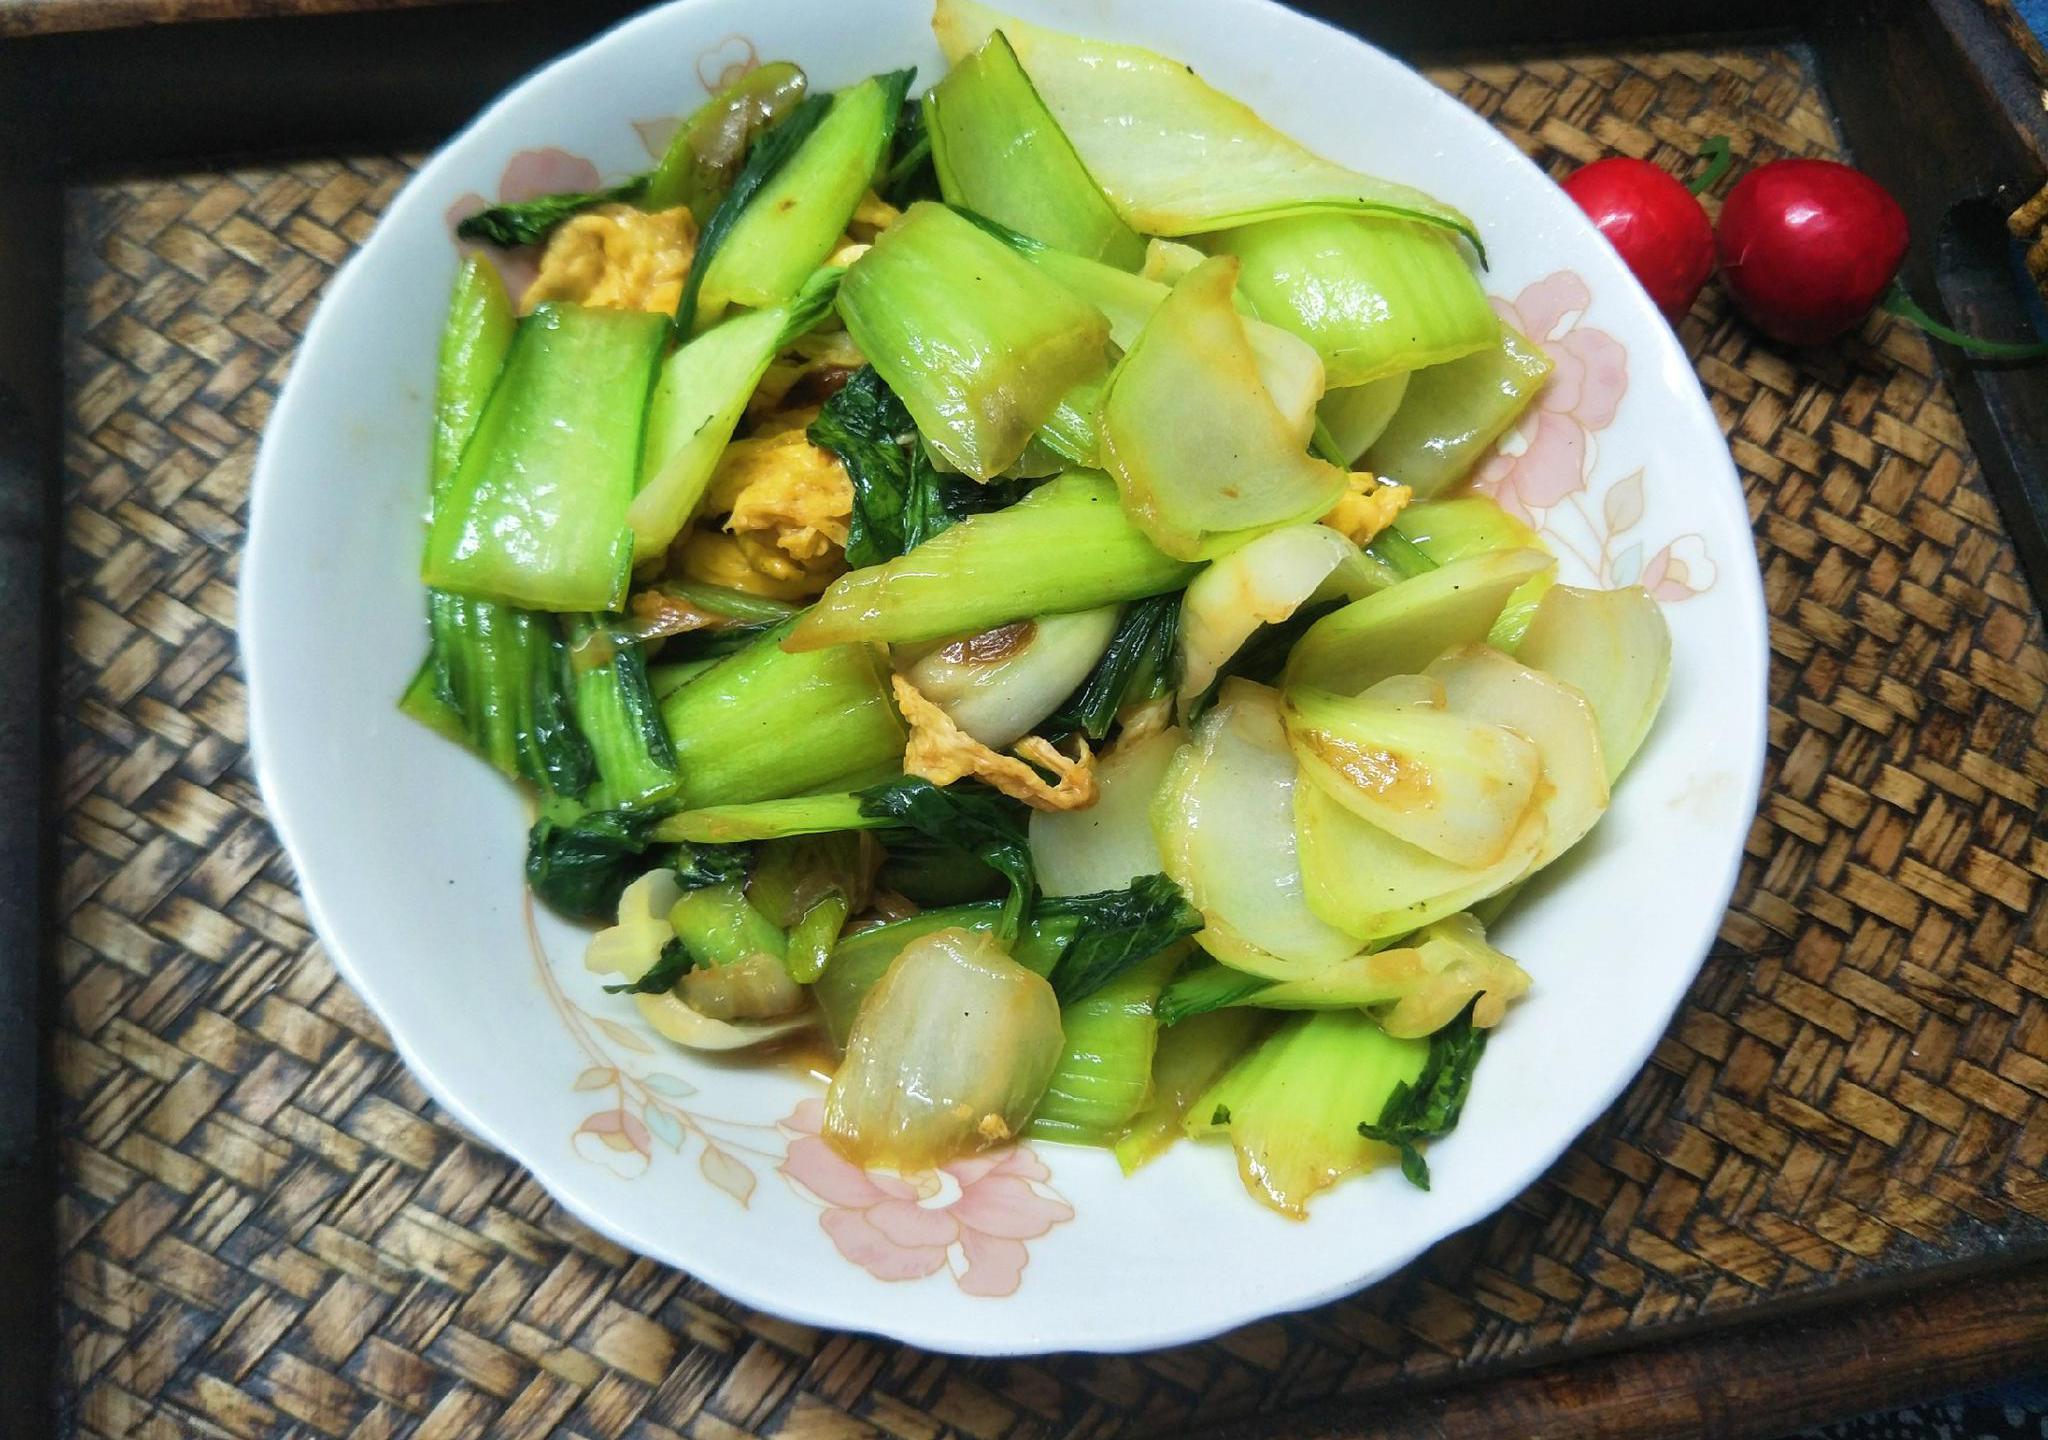 炒油菜时,怎样才能又翠又绿?教你1招,油菜清脆好吃